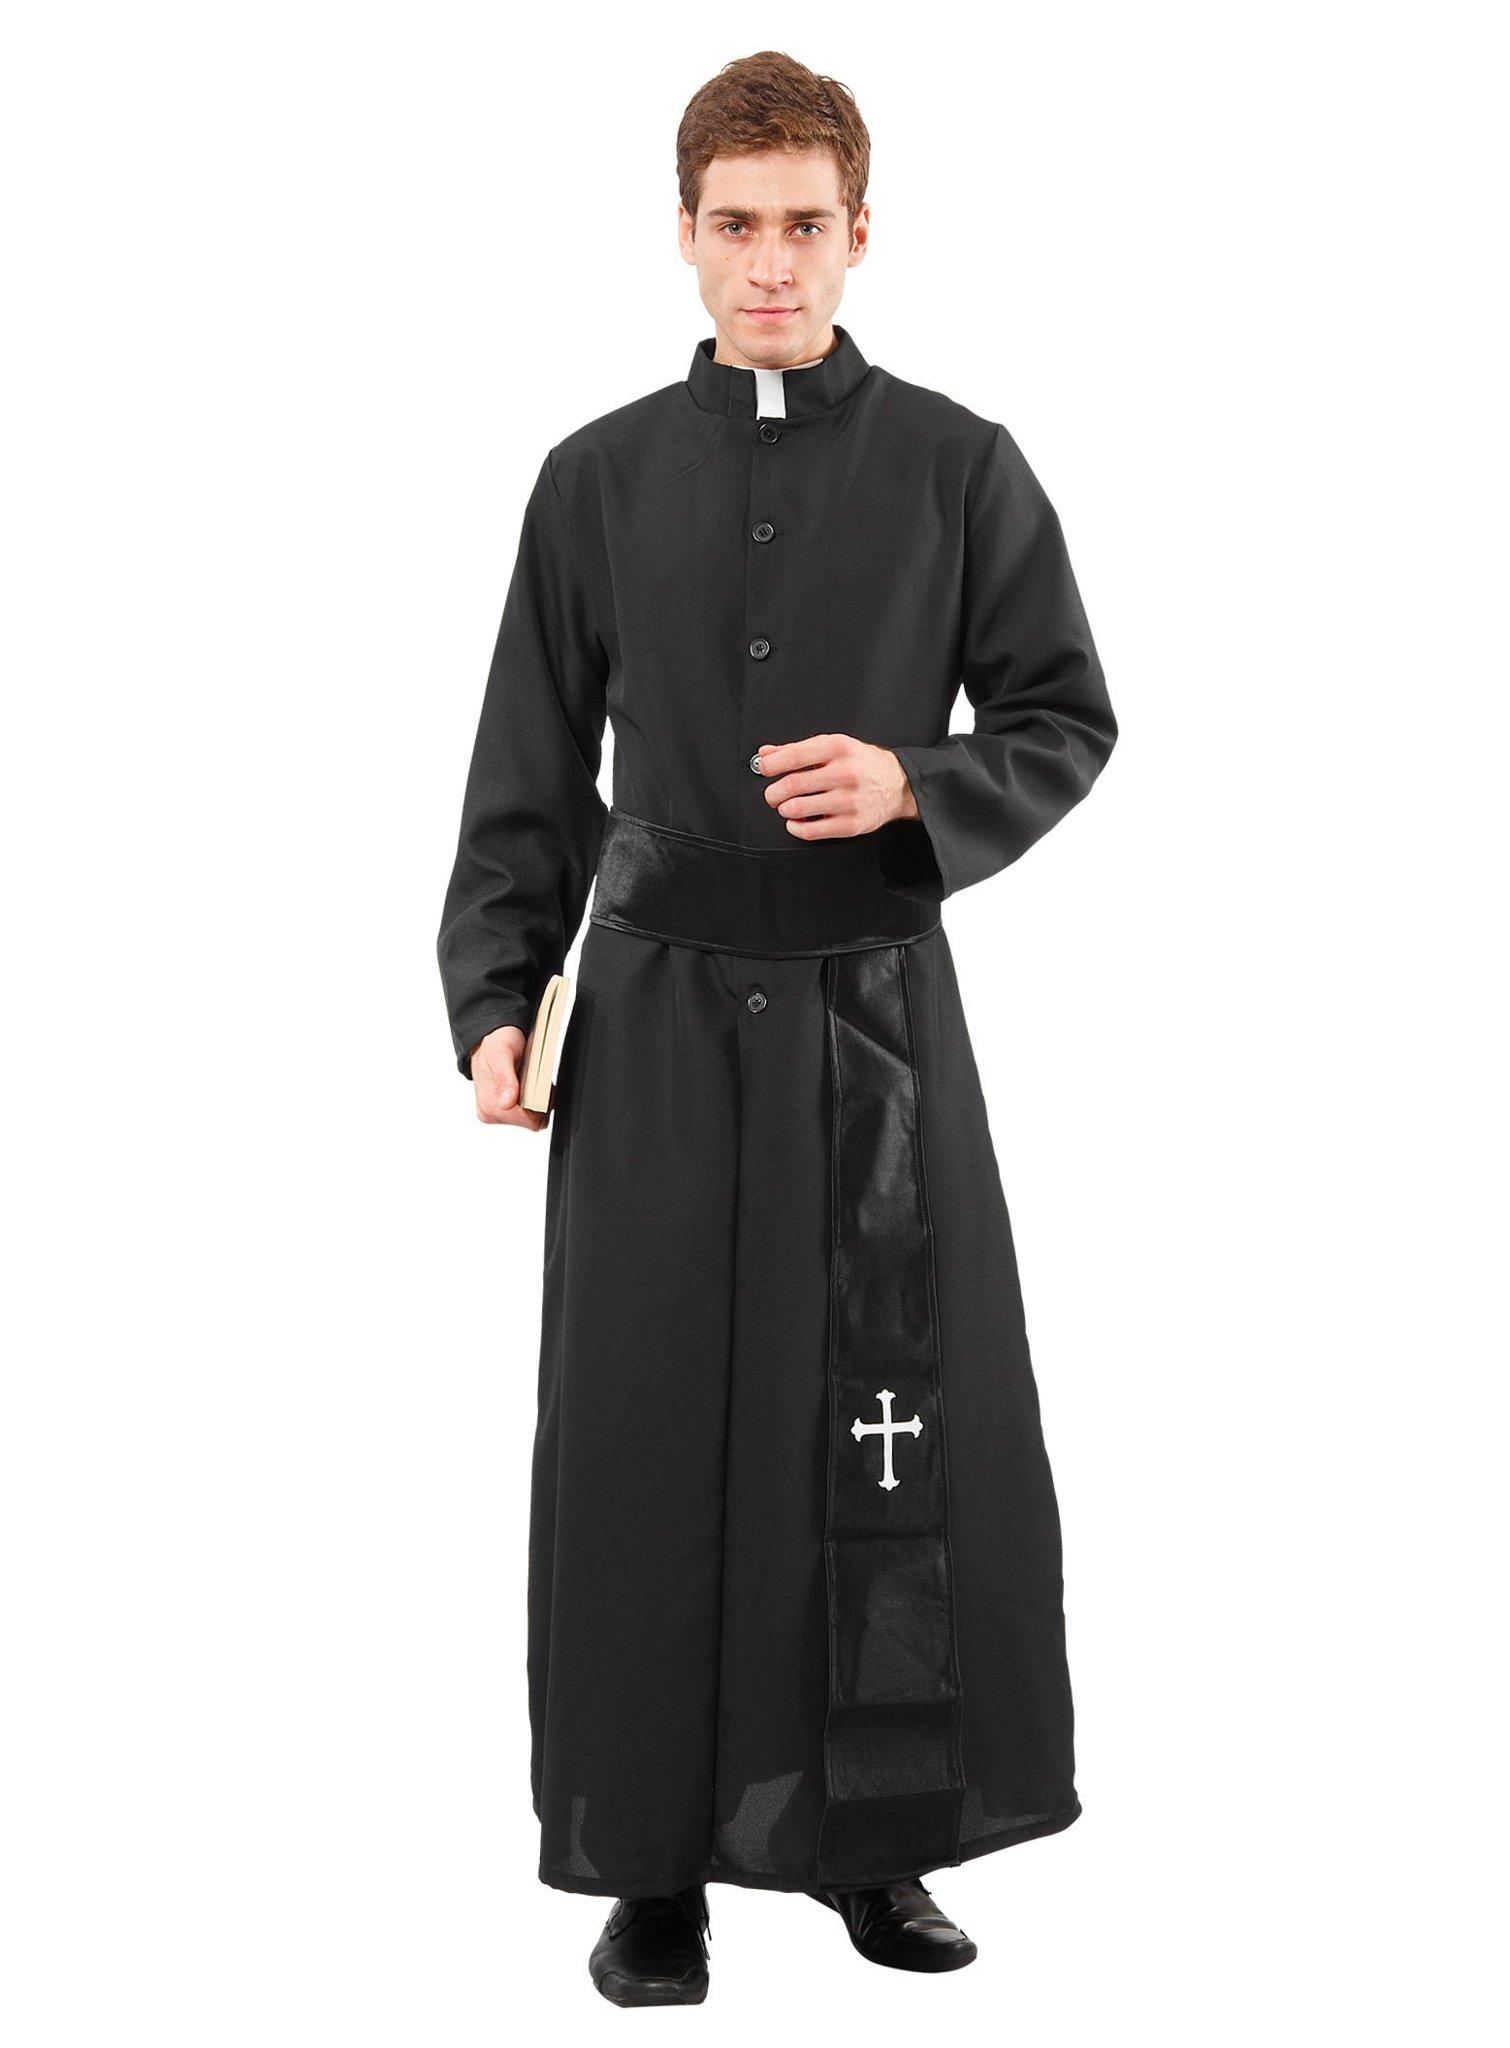 details zu katholisches pfarrer kostüm gewand schwarz soutane priester